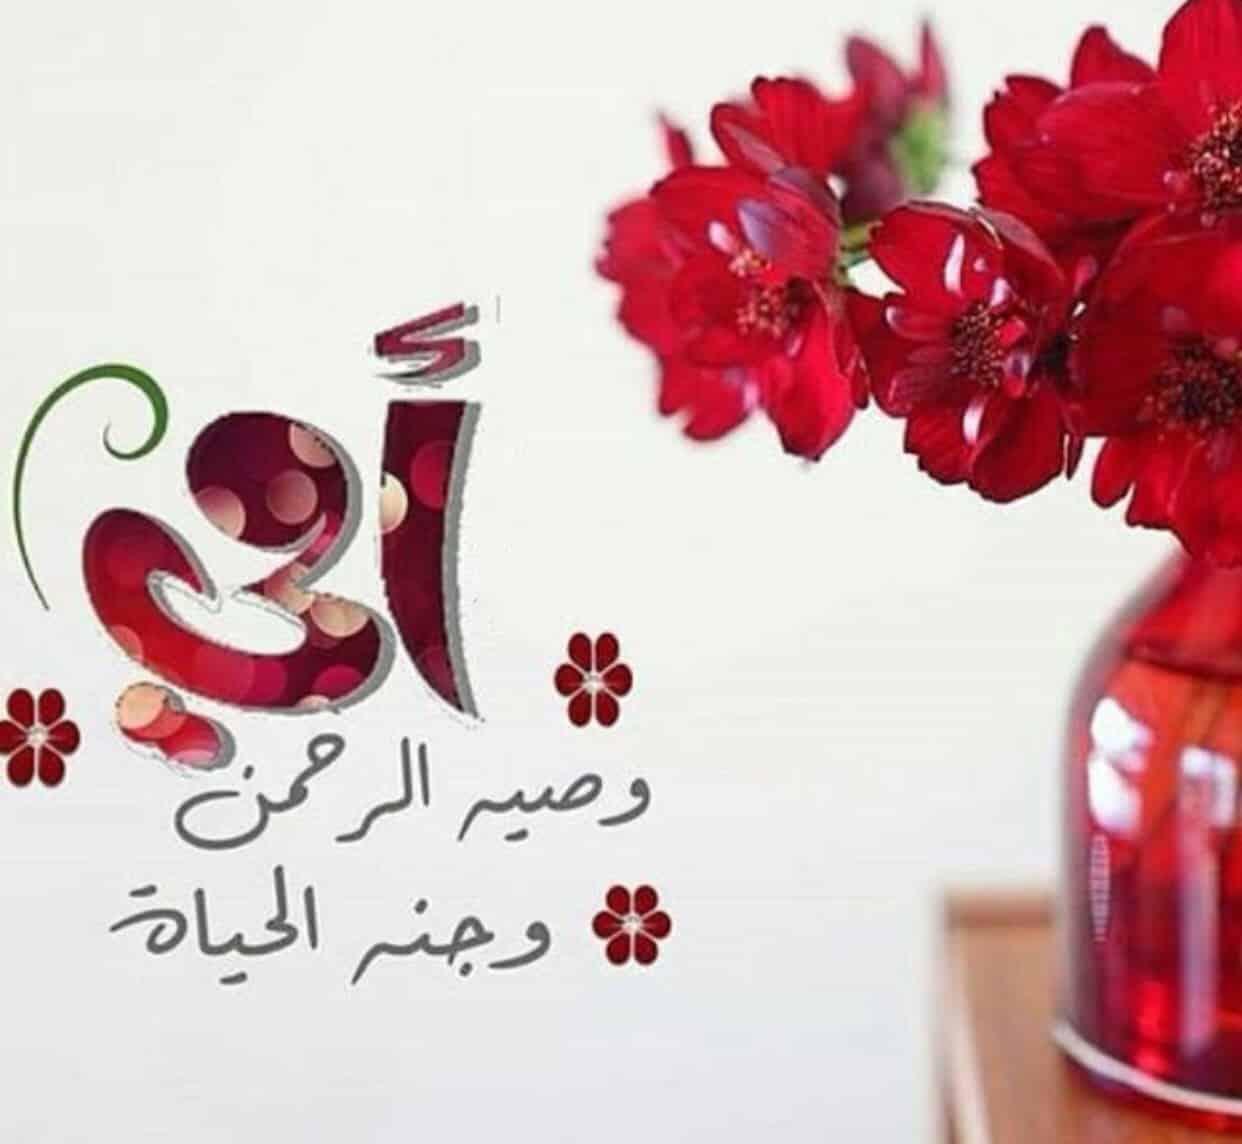 بالصور اجمل الصور عن عيد الام , صور تبين مدي حبك لامك لتقدمها في عيد الام 791 7